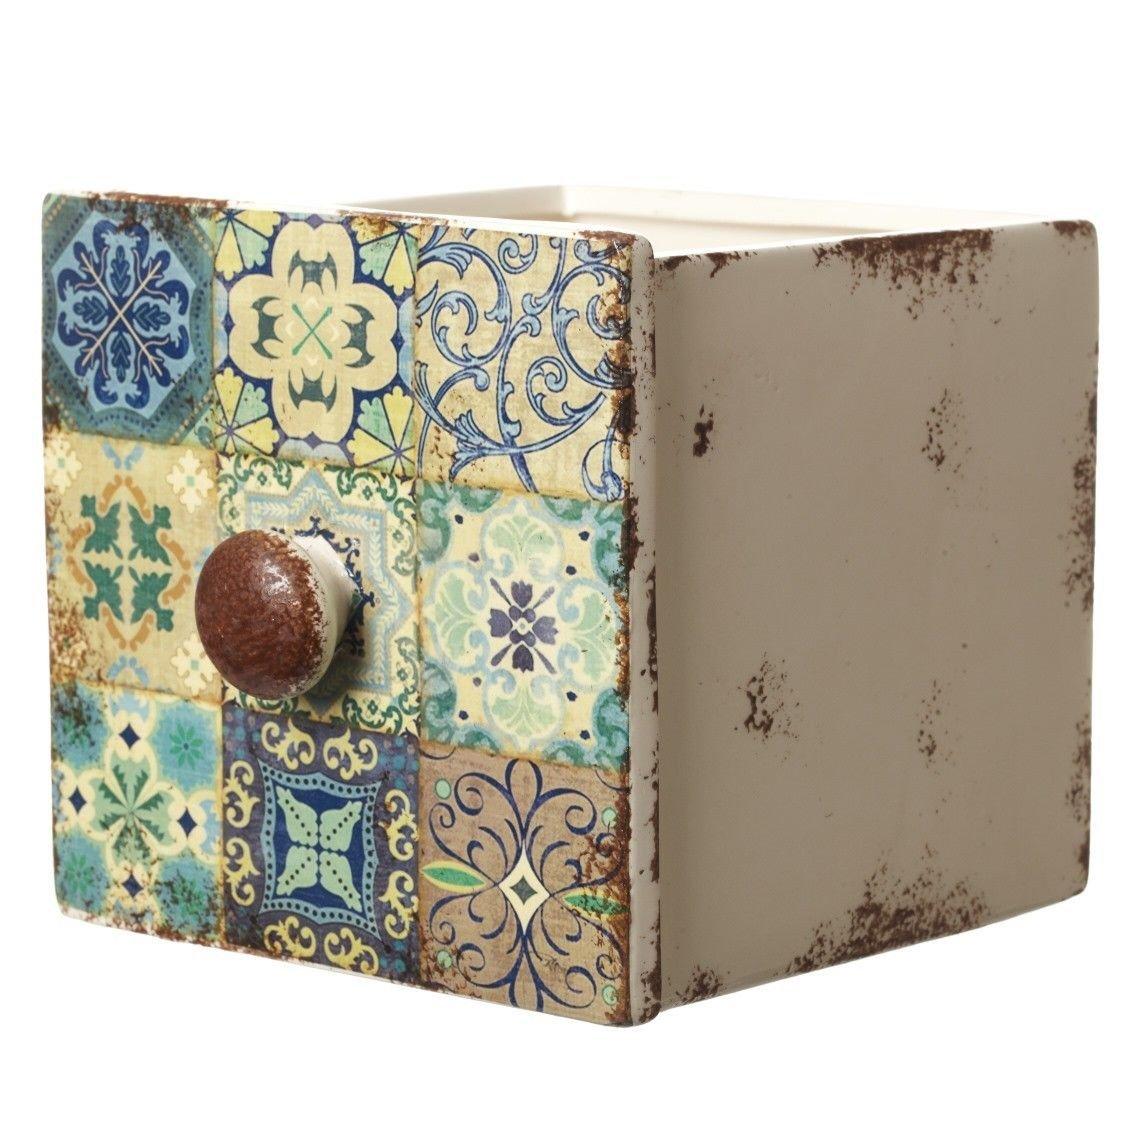 Unbekannt Bezaubernder großer Übertopf Marokko in Form Einer Schublade 17 x 15 x 14 cm Heaven Sends